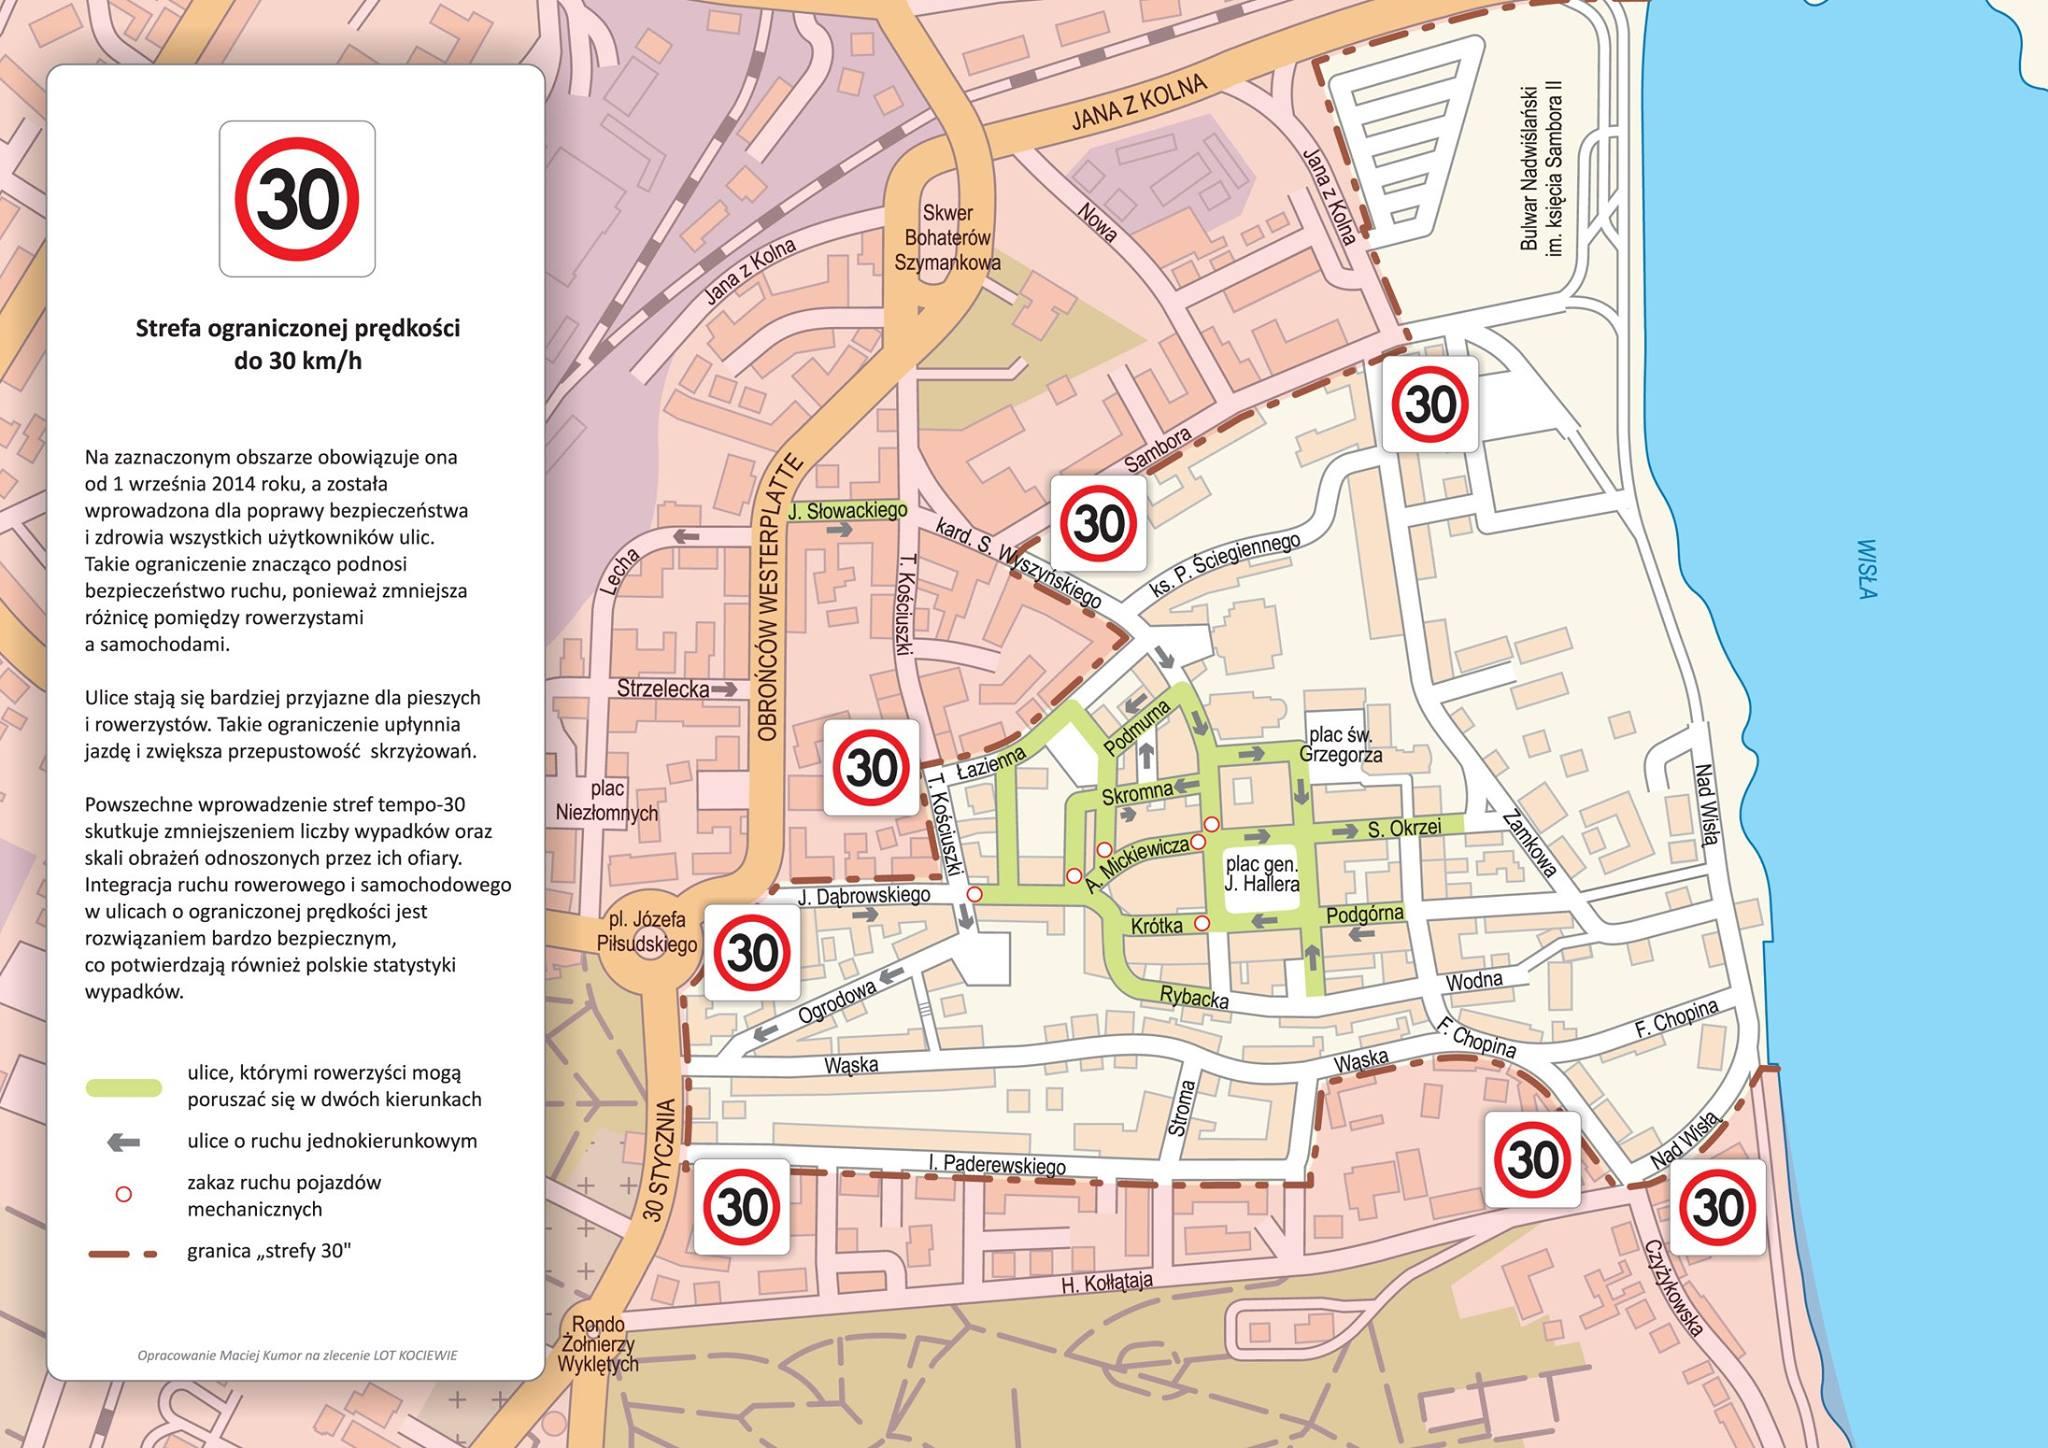 Granice strefy tempo 30 w Tczewie / źródło: facebook (Mirosław Pobłocki)